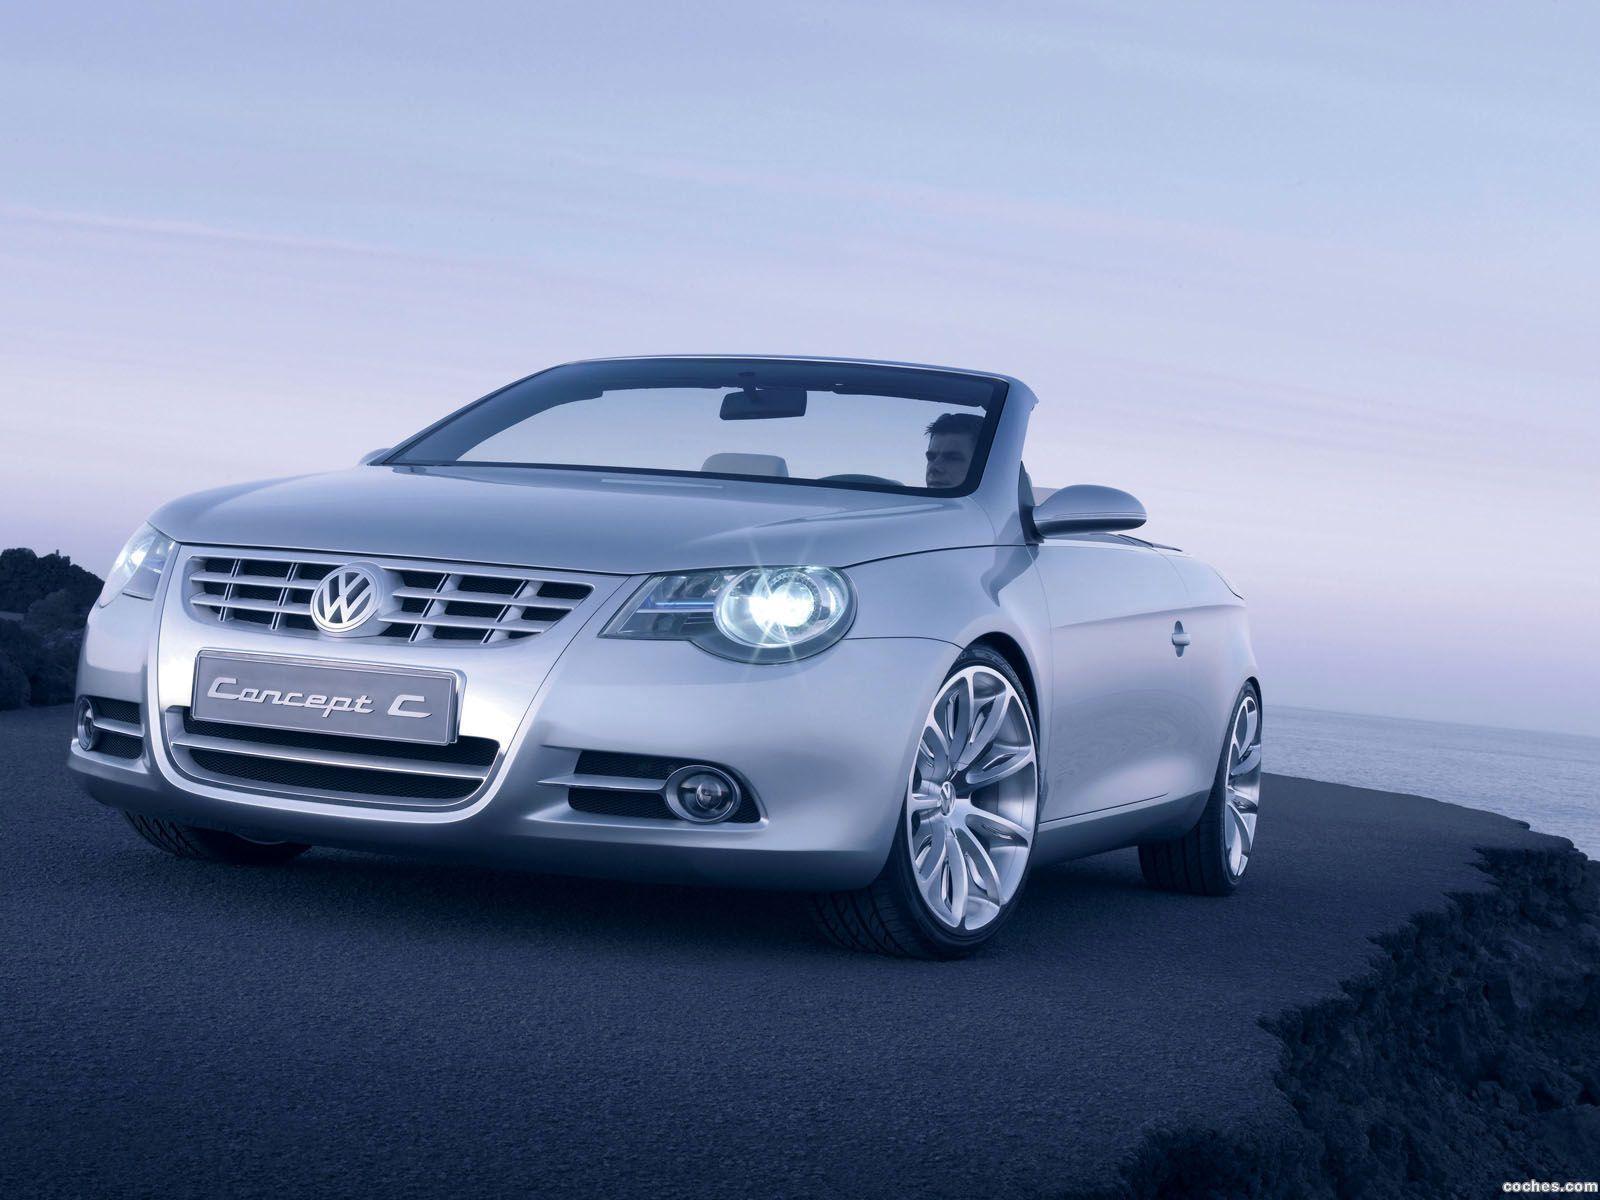 Foto 11 de Volkswagen Concept C 2004